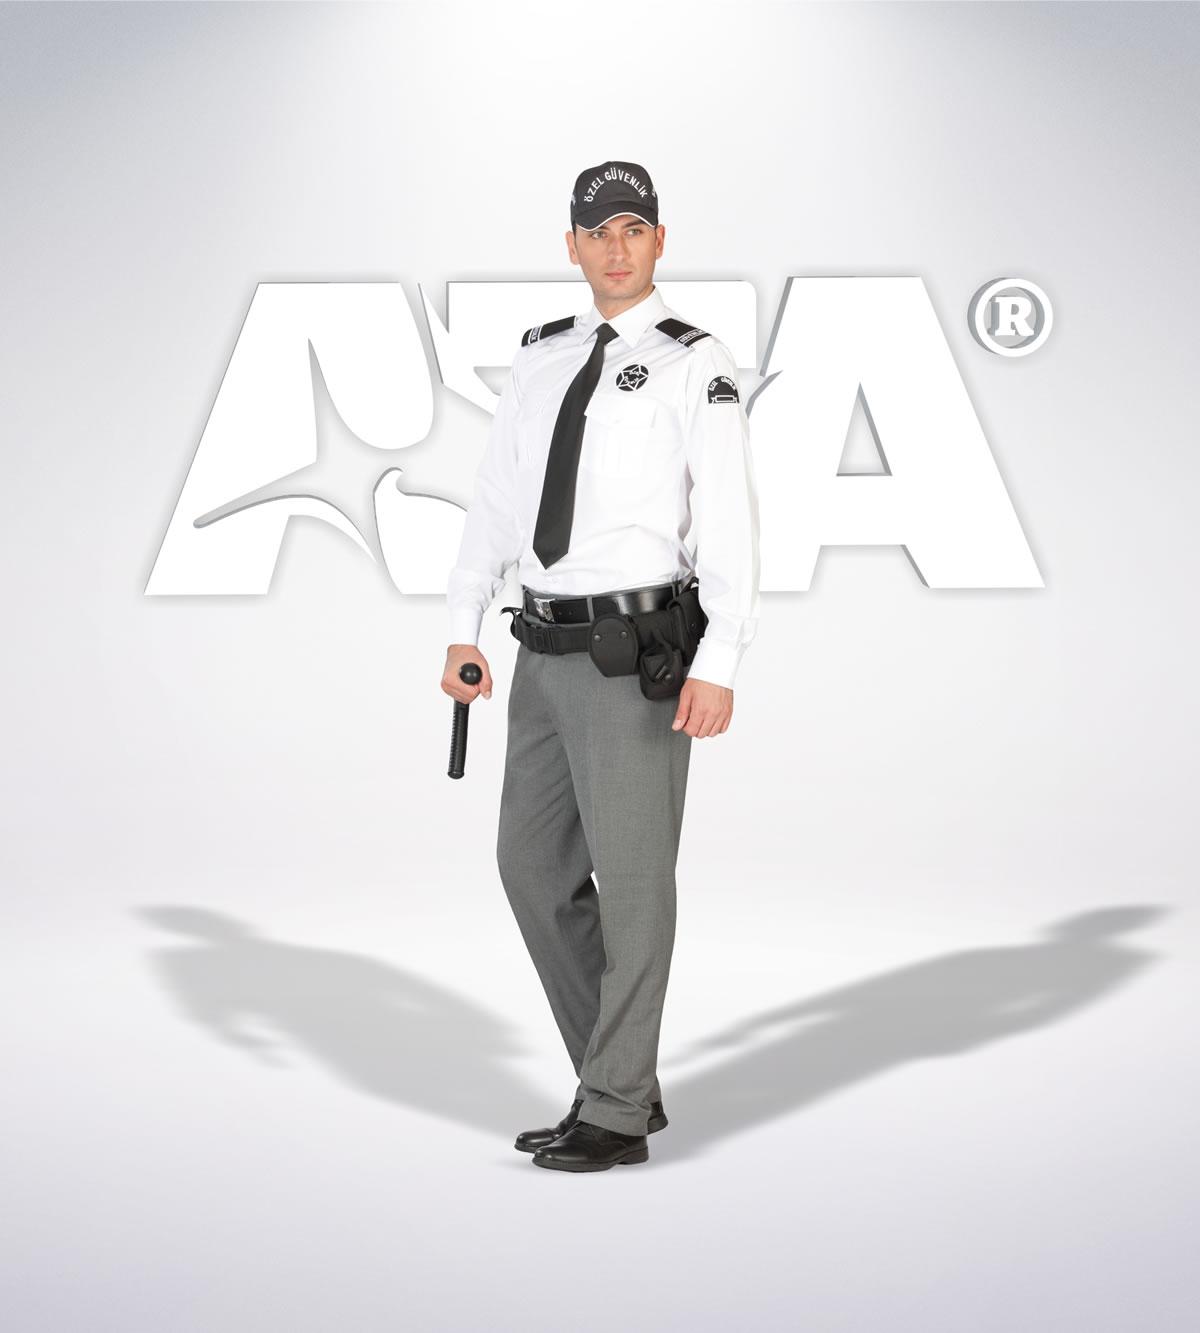 ATA 135 - Pantolon kışlık - gömlek yazlık-kışlık - aksesuar - güvenlik elbiseleri | güvenlik üniformaları | güvenlik kıyafetleri